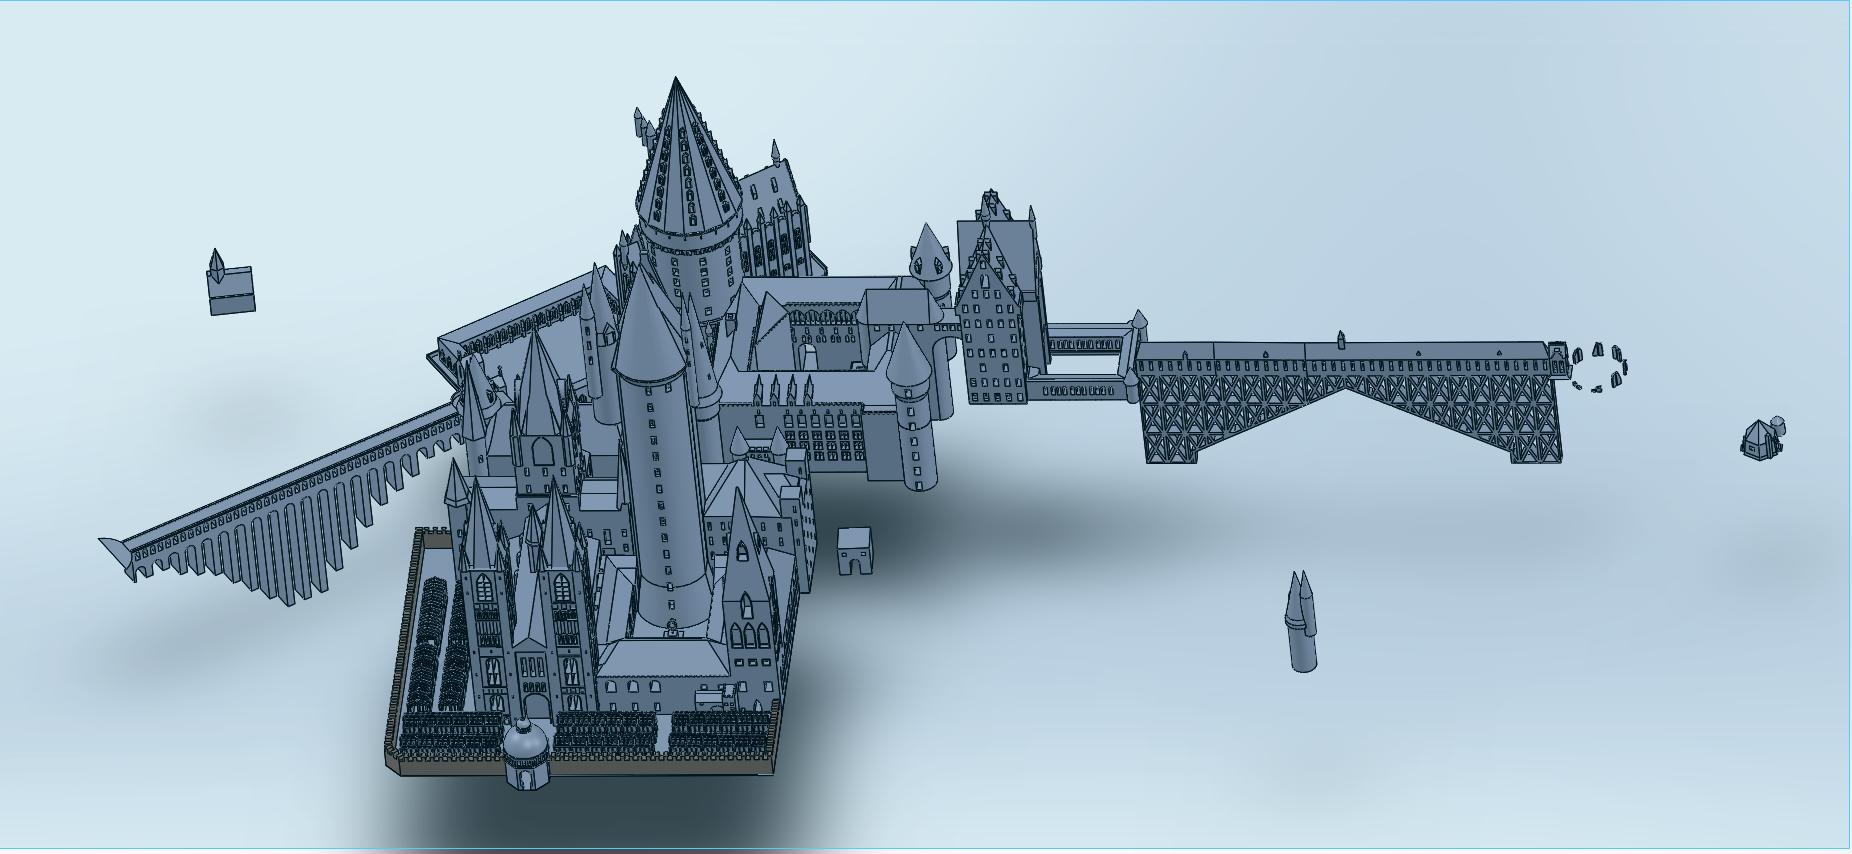 Screen_Shot_2015-01-21_at_2.23.31_PM.png Télécharger fichier STL gratuit École Poudlard • Plan imprimable en 3D, Urgnarb